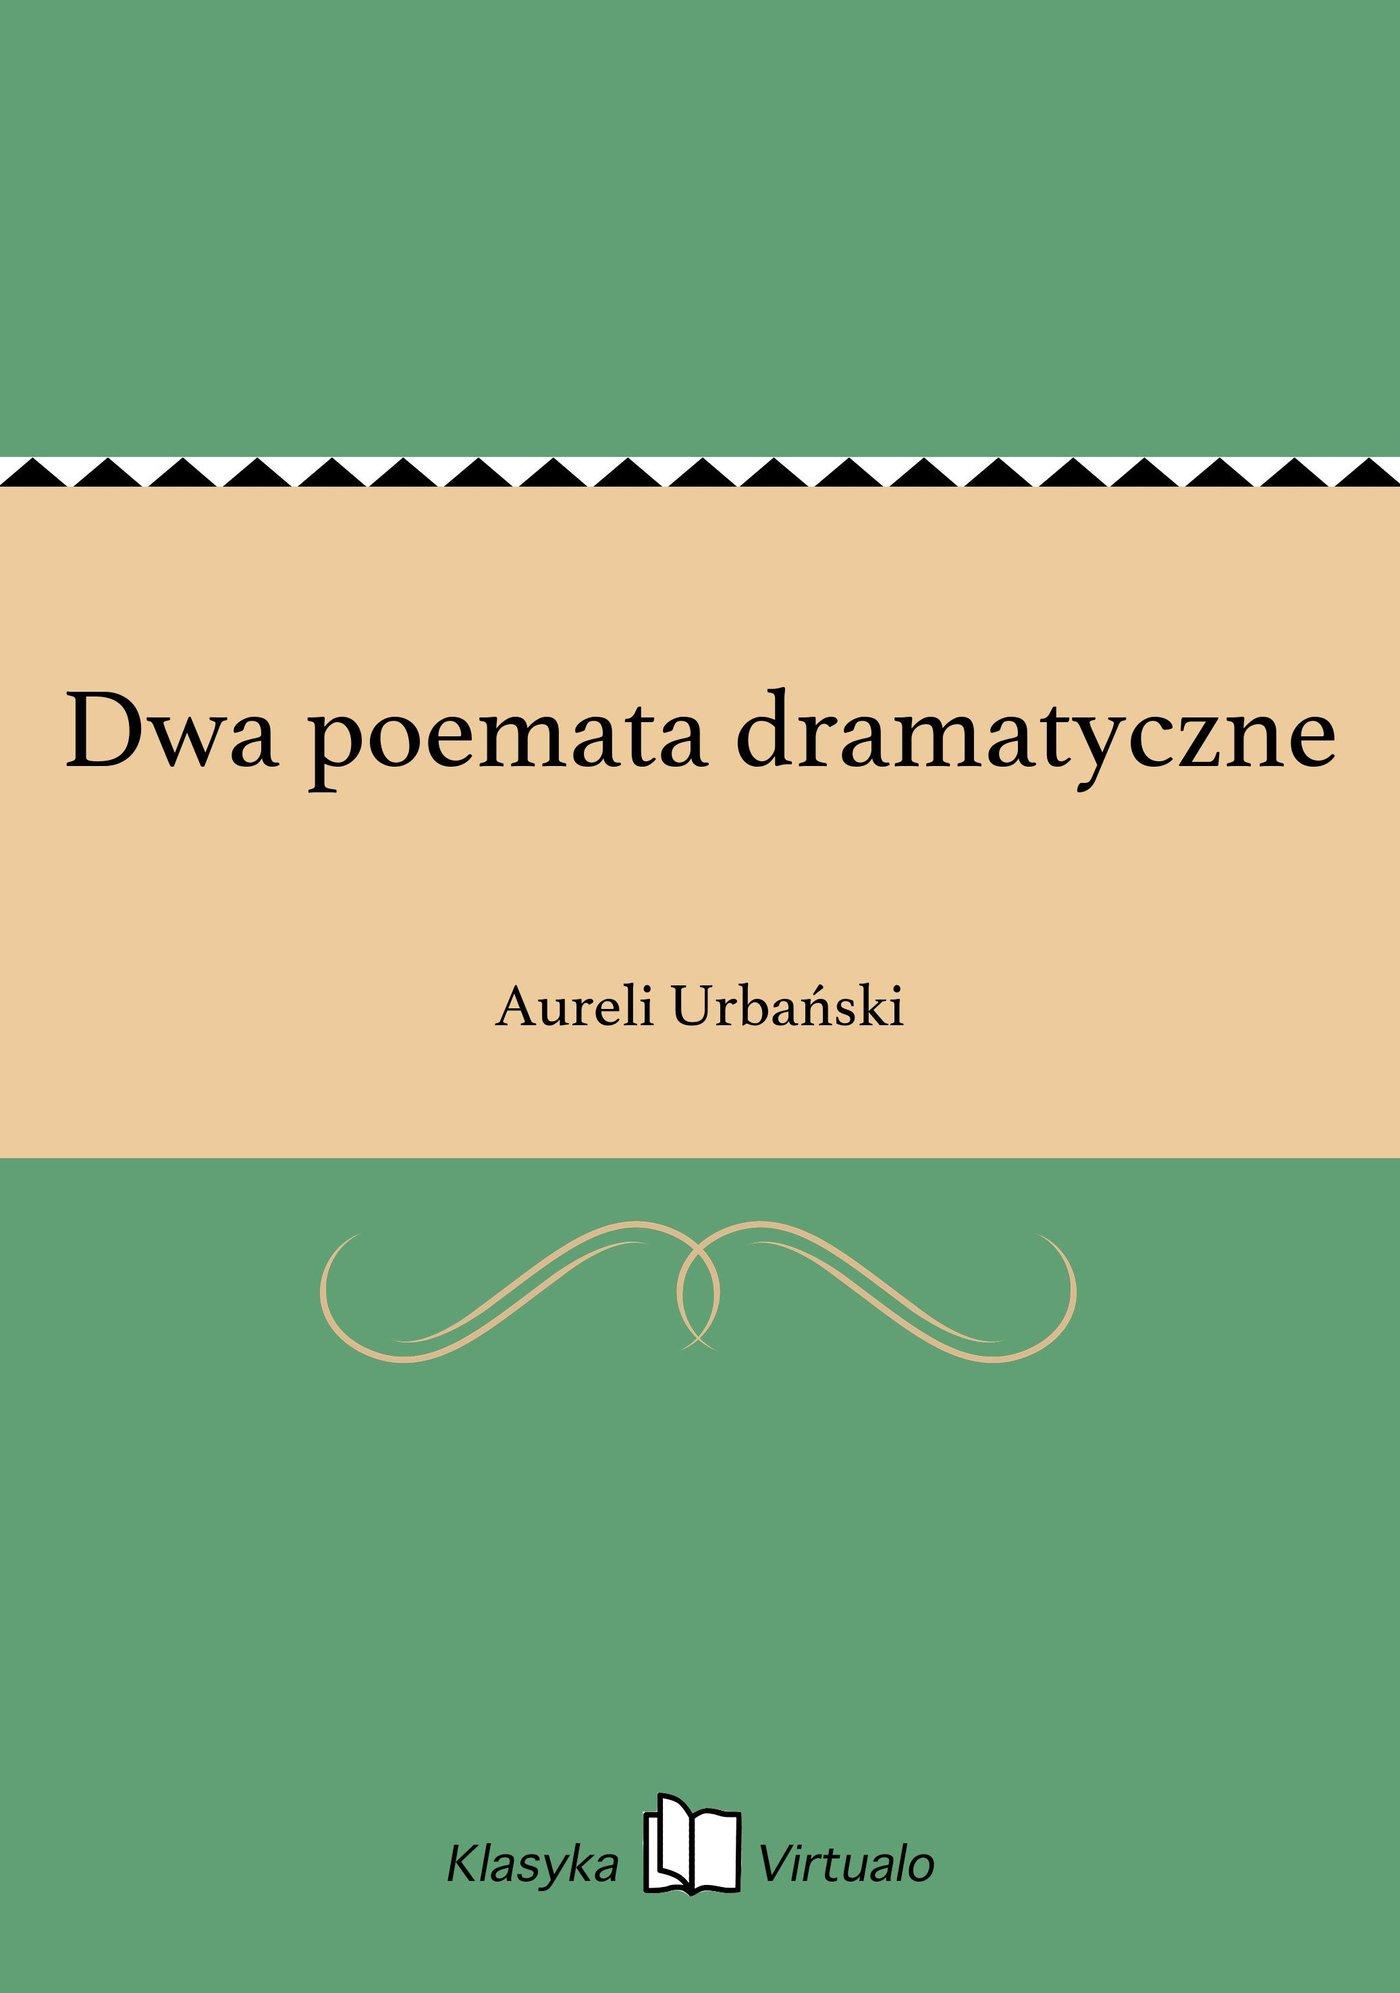 Dwa poemata dramatyczne - Ebook (Książka EPUB) do pobrania w formacie EPUB